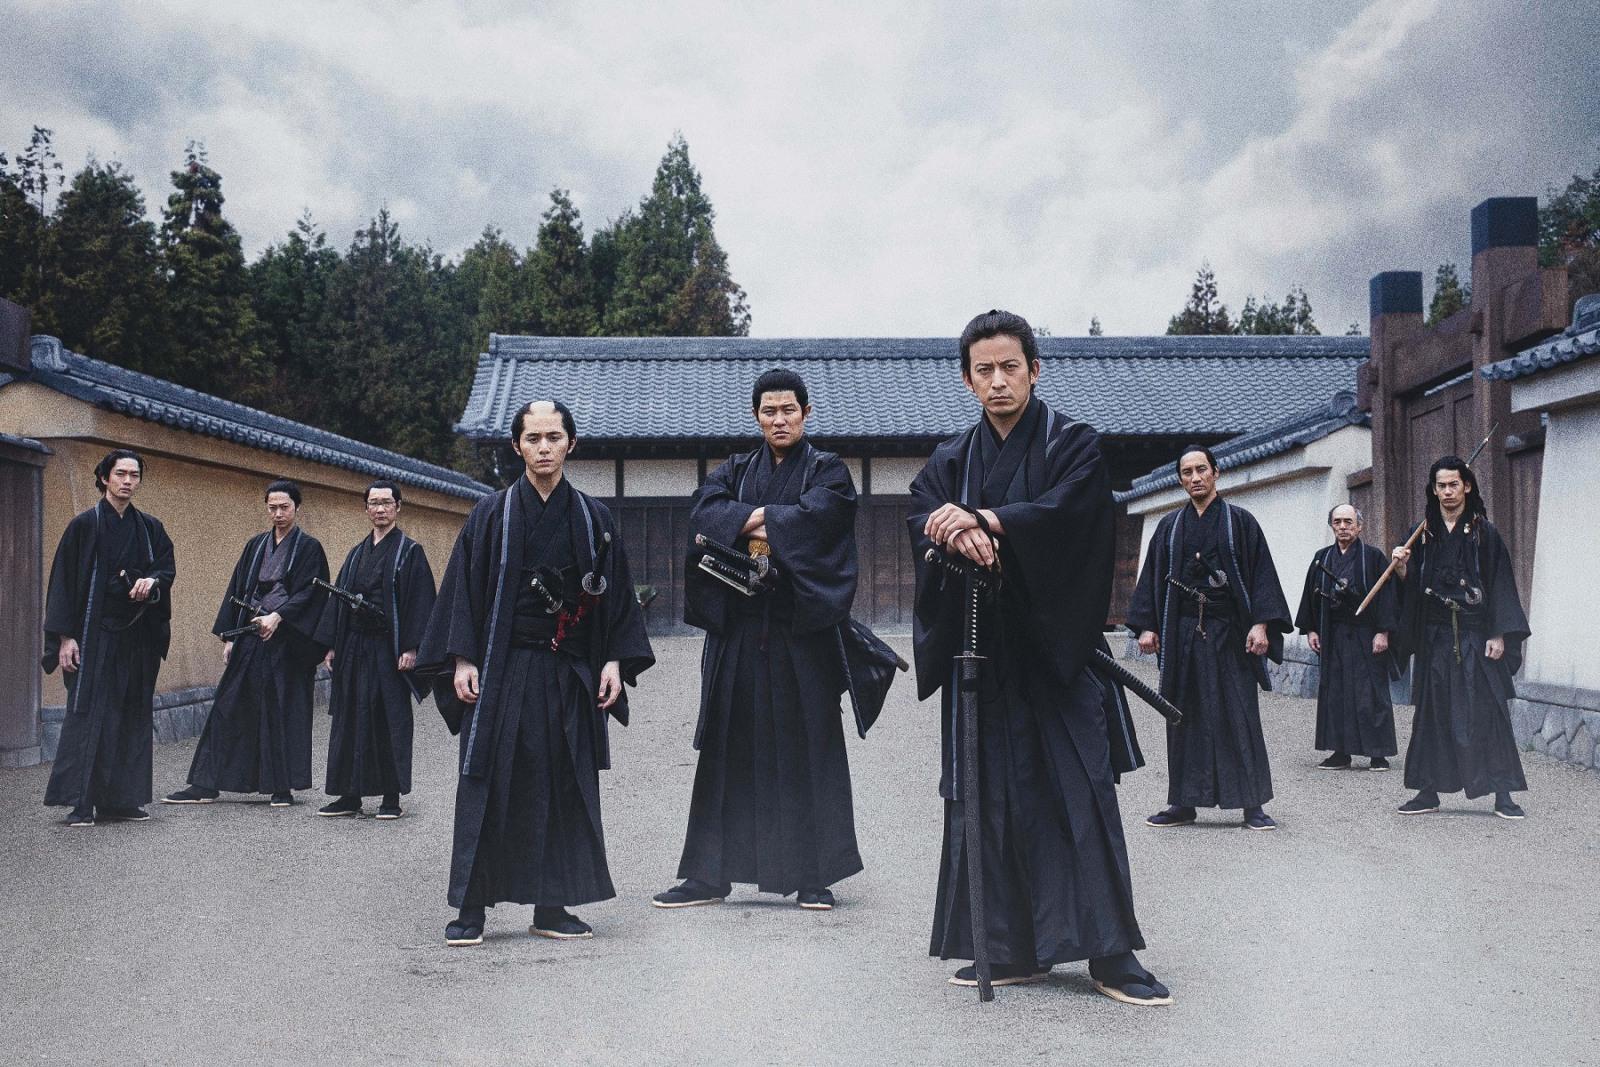 個性豊かな豪華13 名の新キャストも参戦決定!! 映画『燃えよ剣』圧巻の新カット解禁!